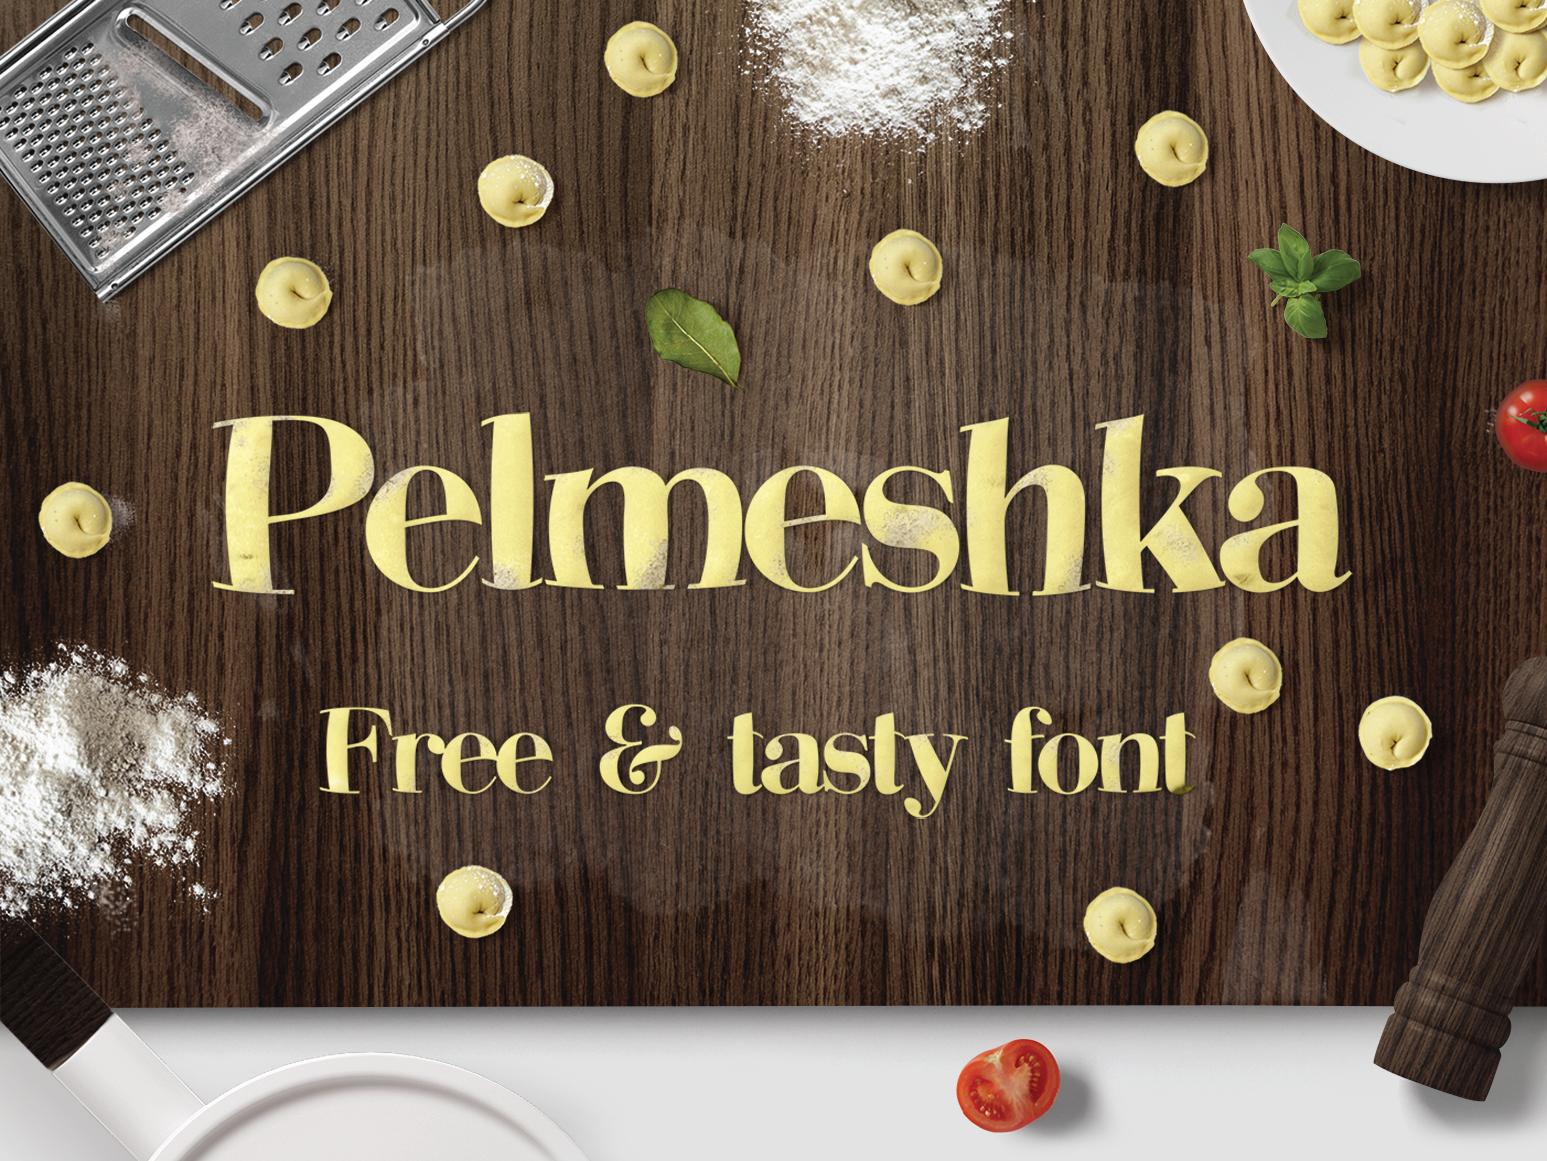 Pelmeshka Free Font - serif